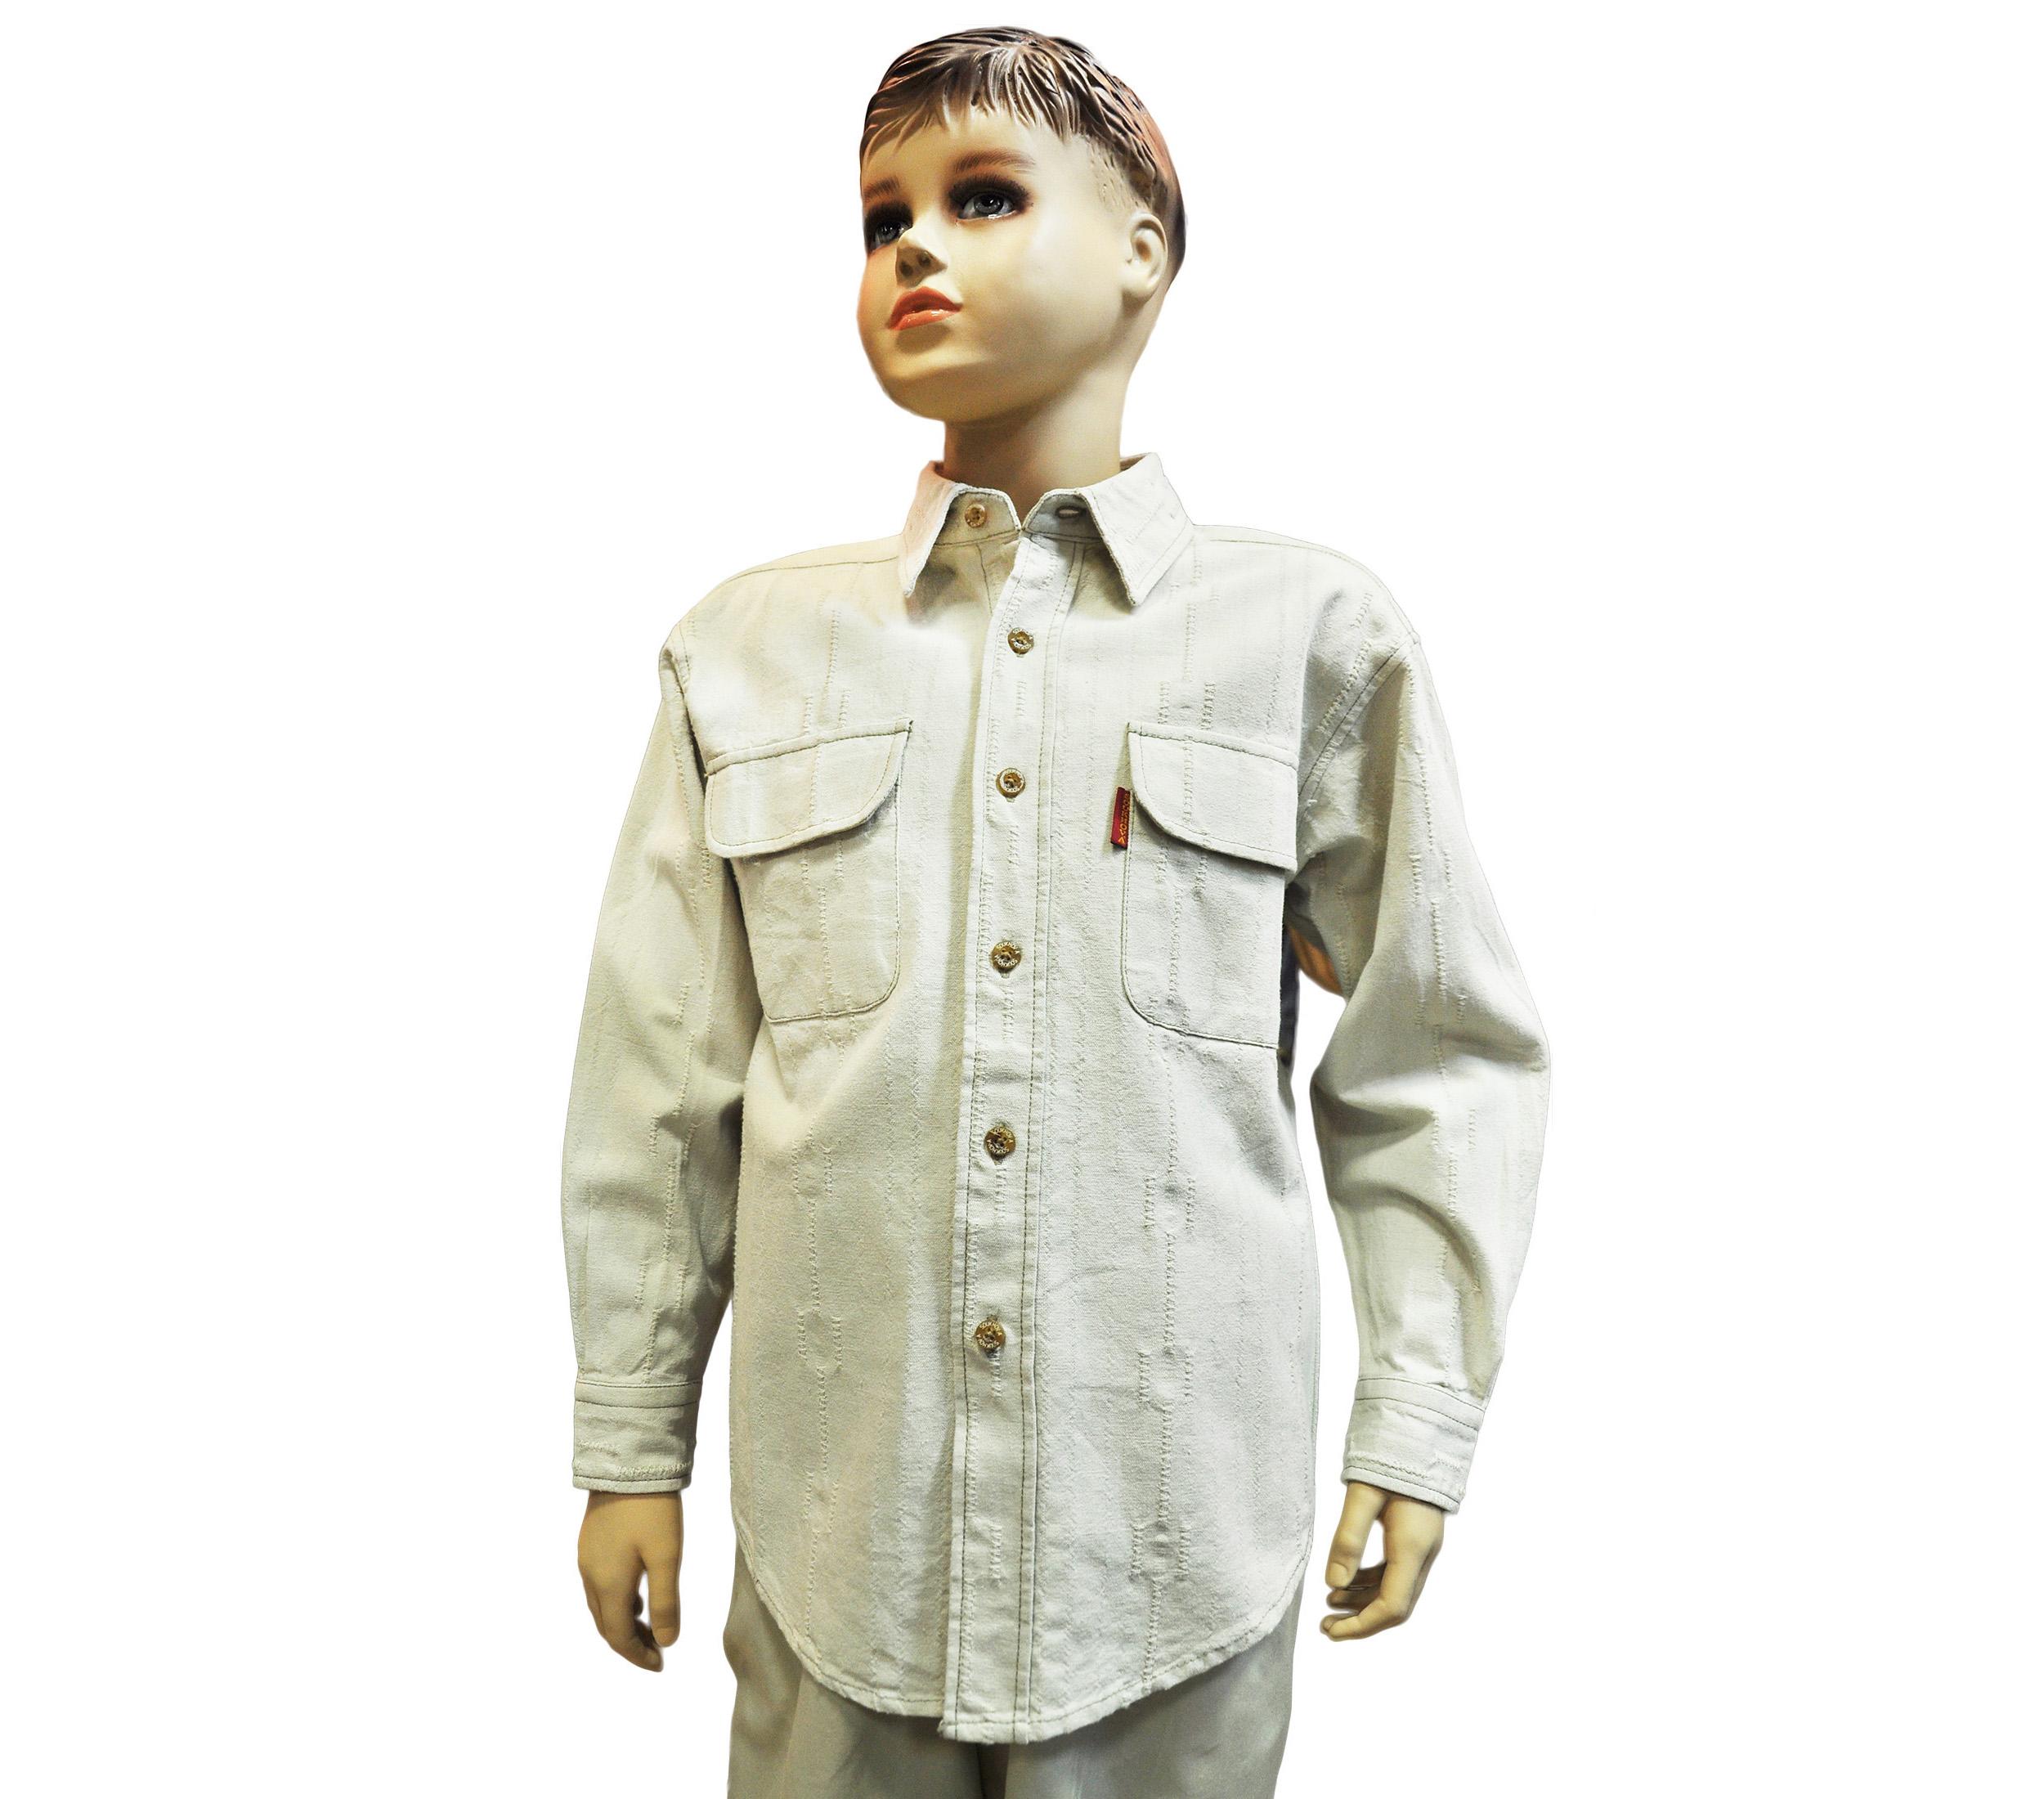 Подростковая рубашкас длинным рукавом бежевого цвета